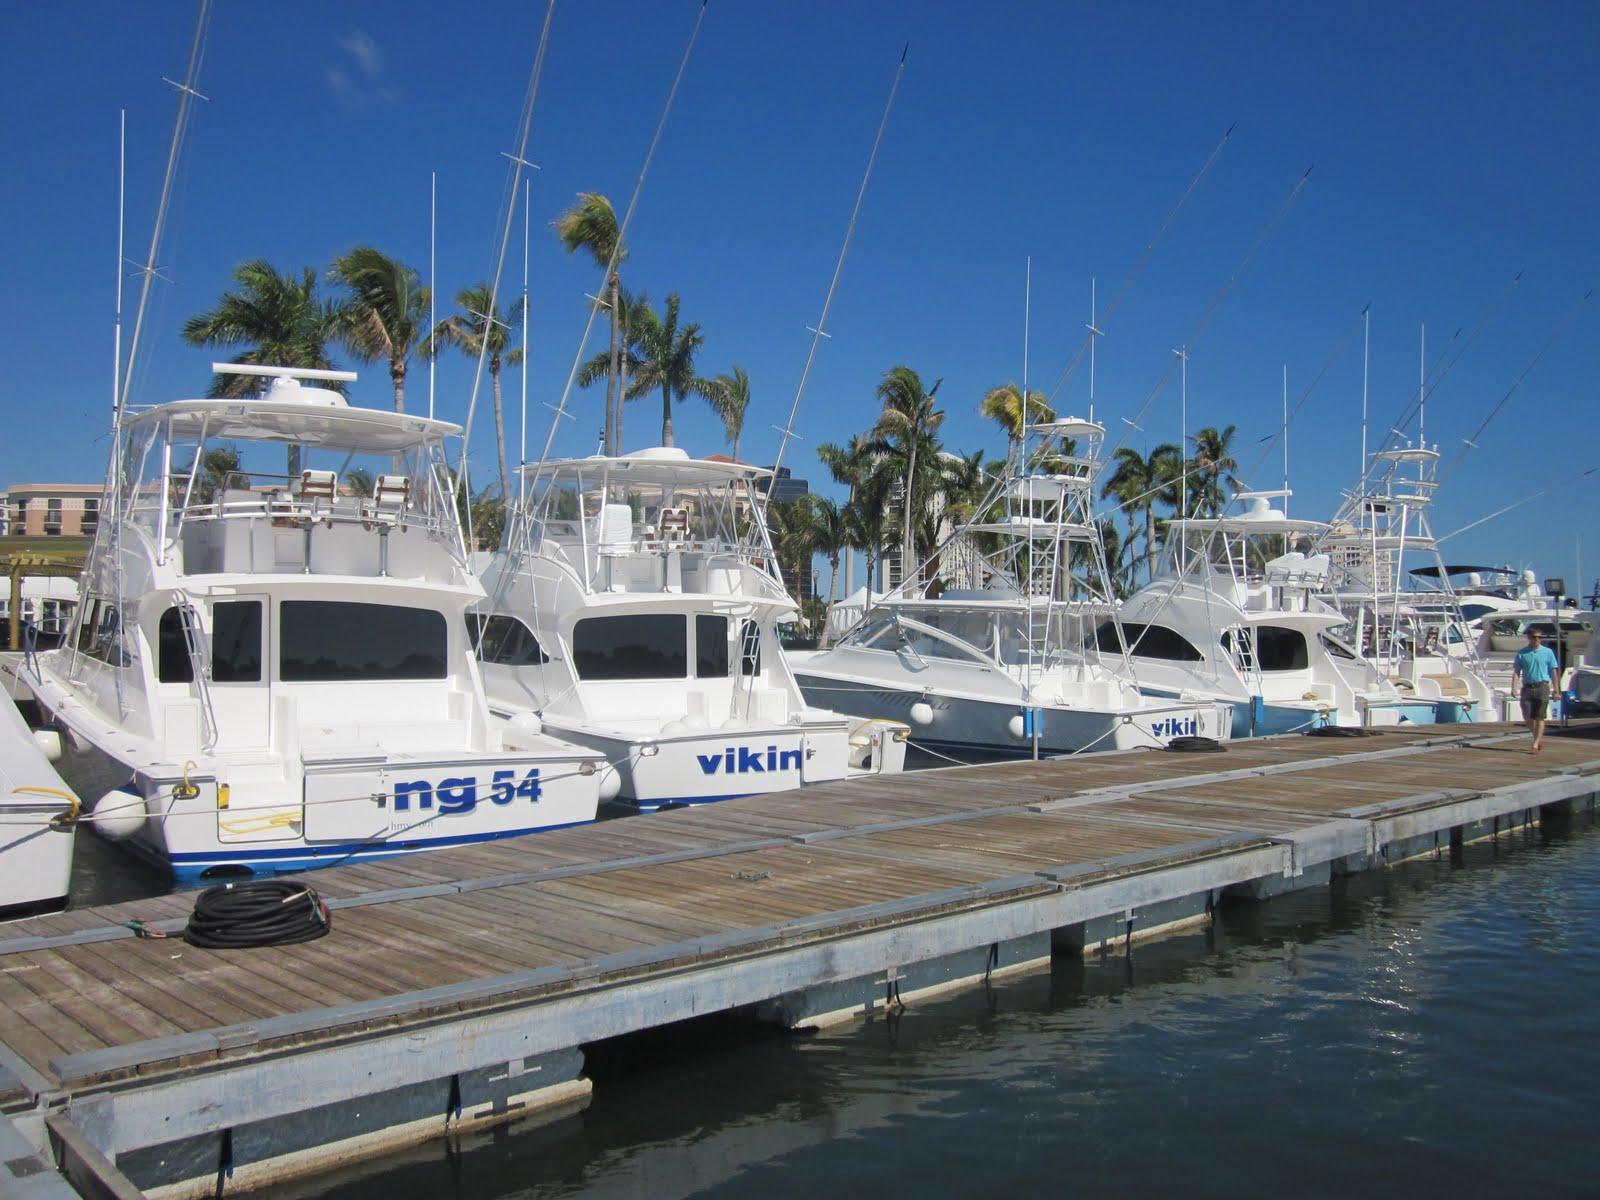 Viking Palm Beach